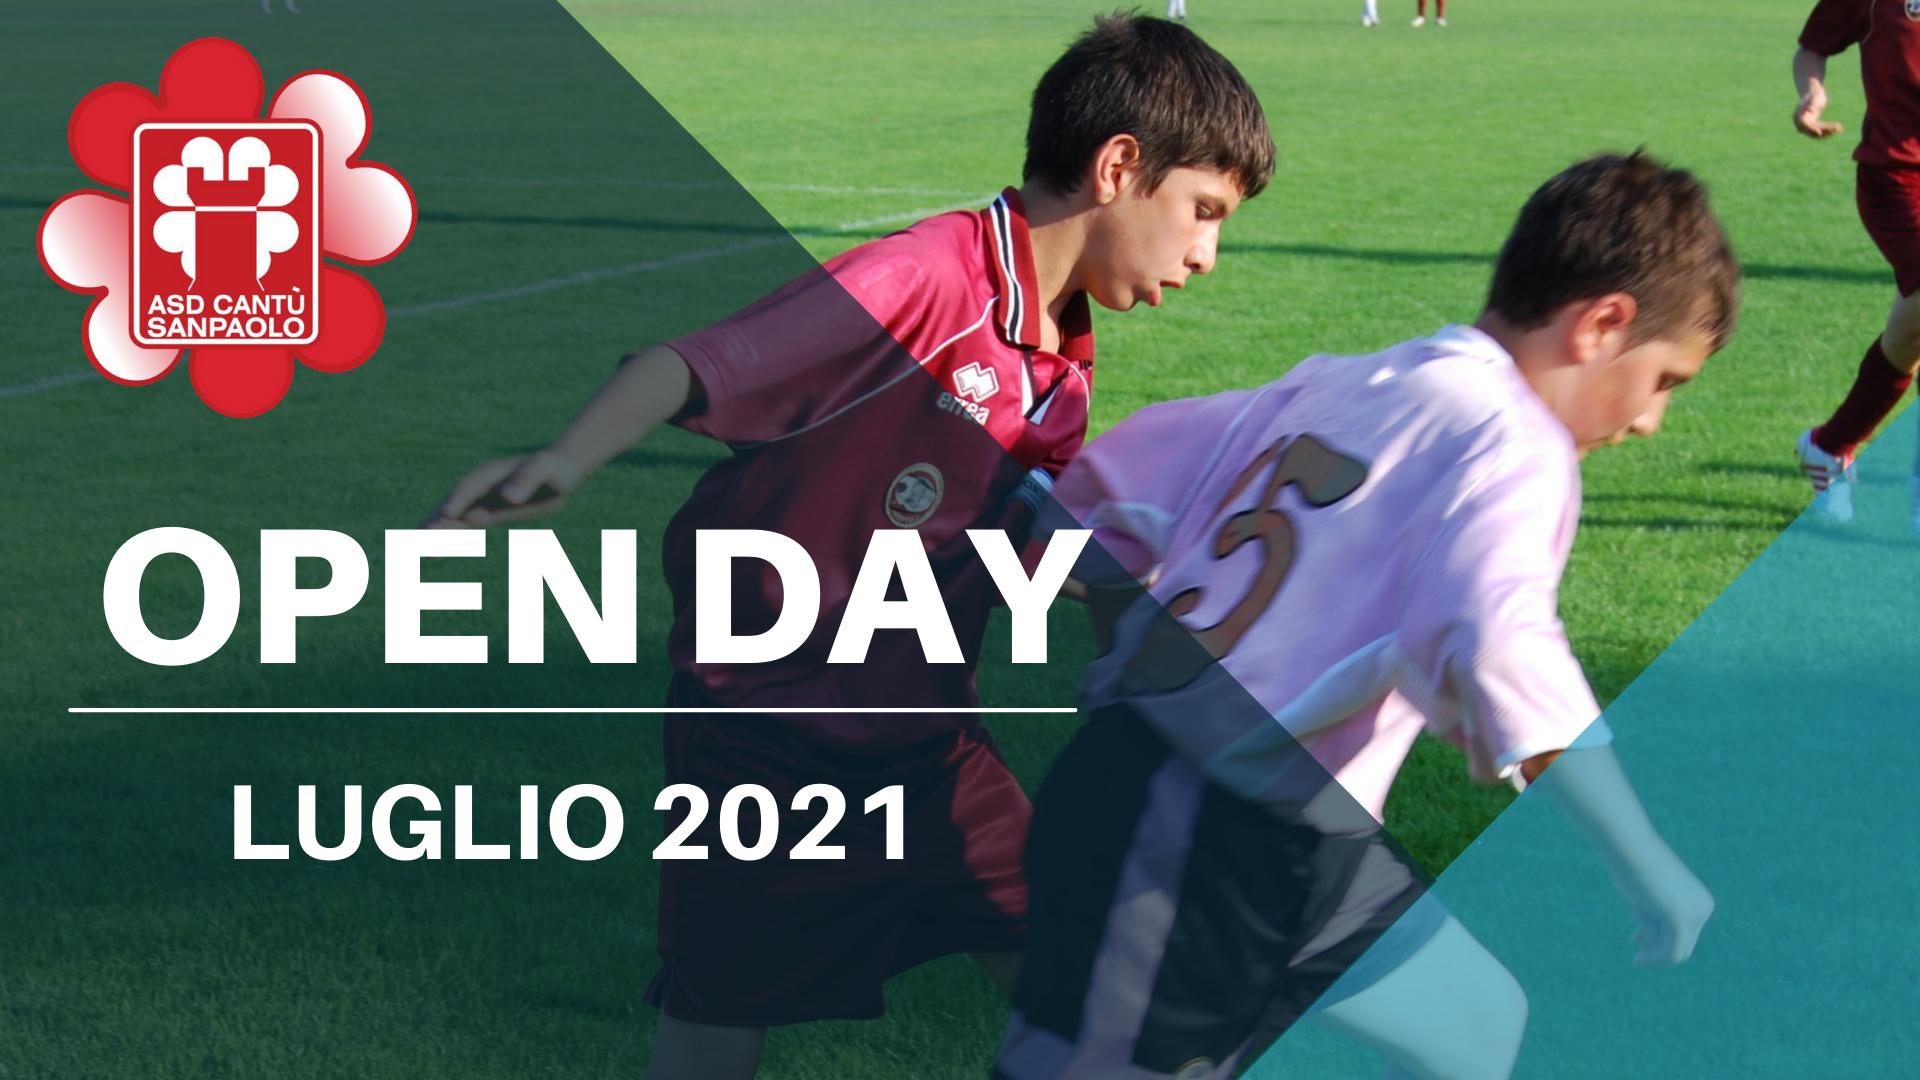 Open Day luglio 2021